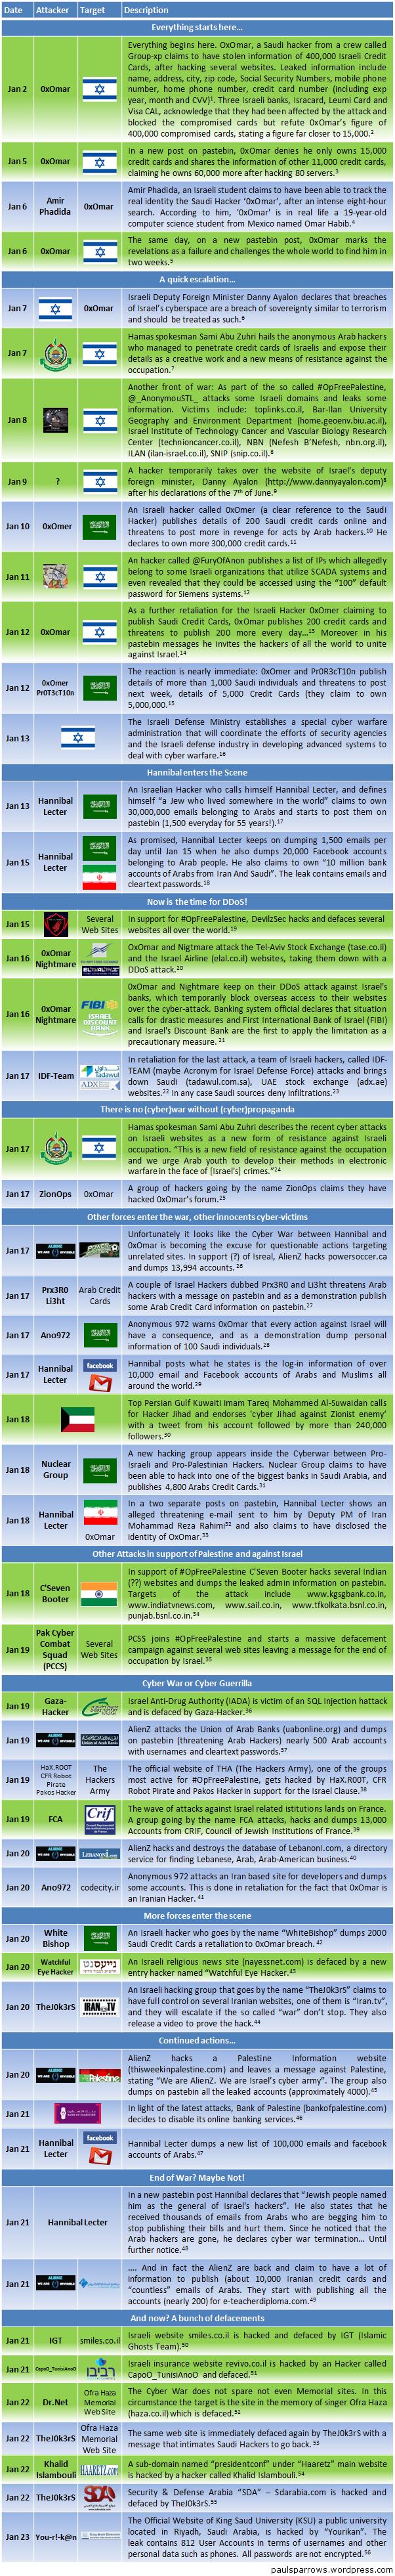 Middle East Cyber War Timeline – HACKMAGEDDON